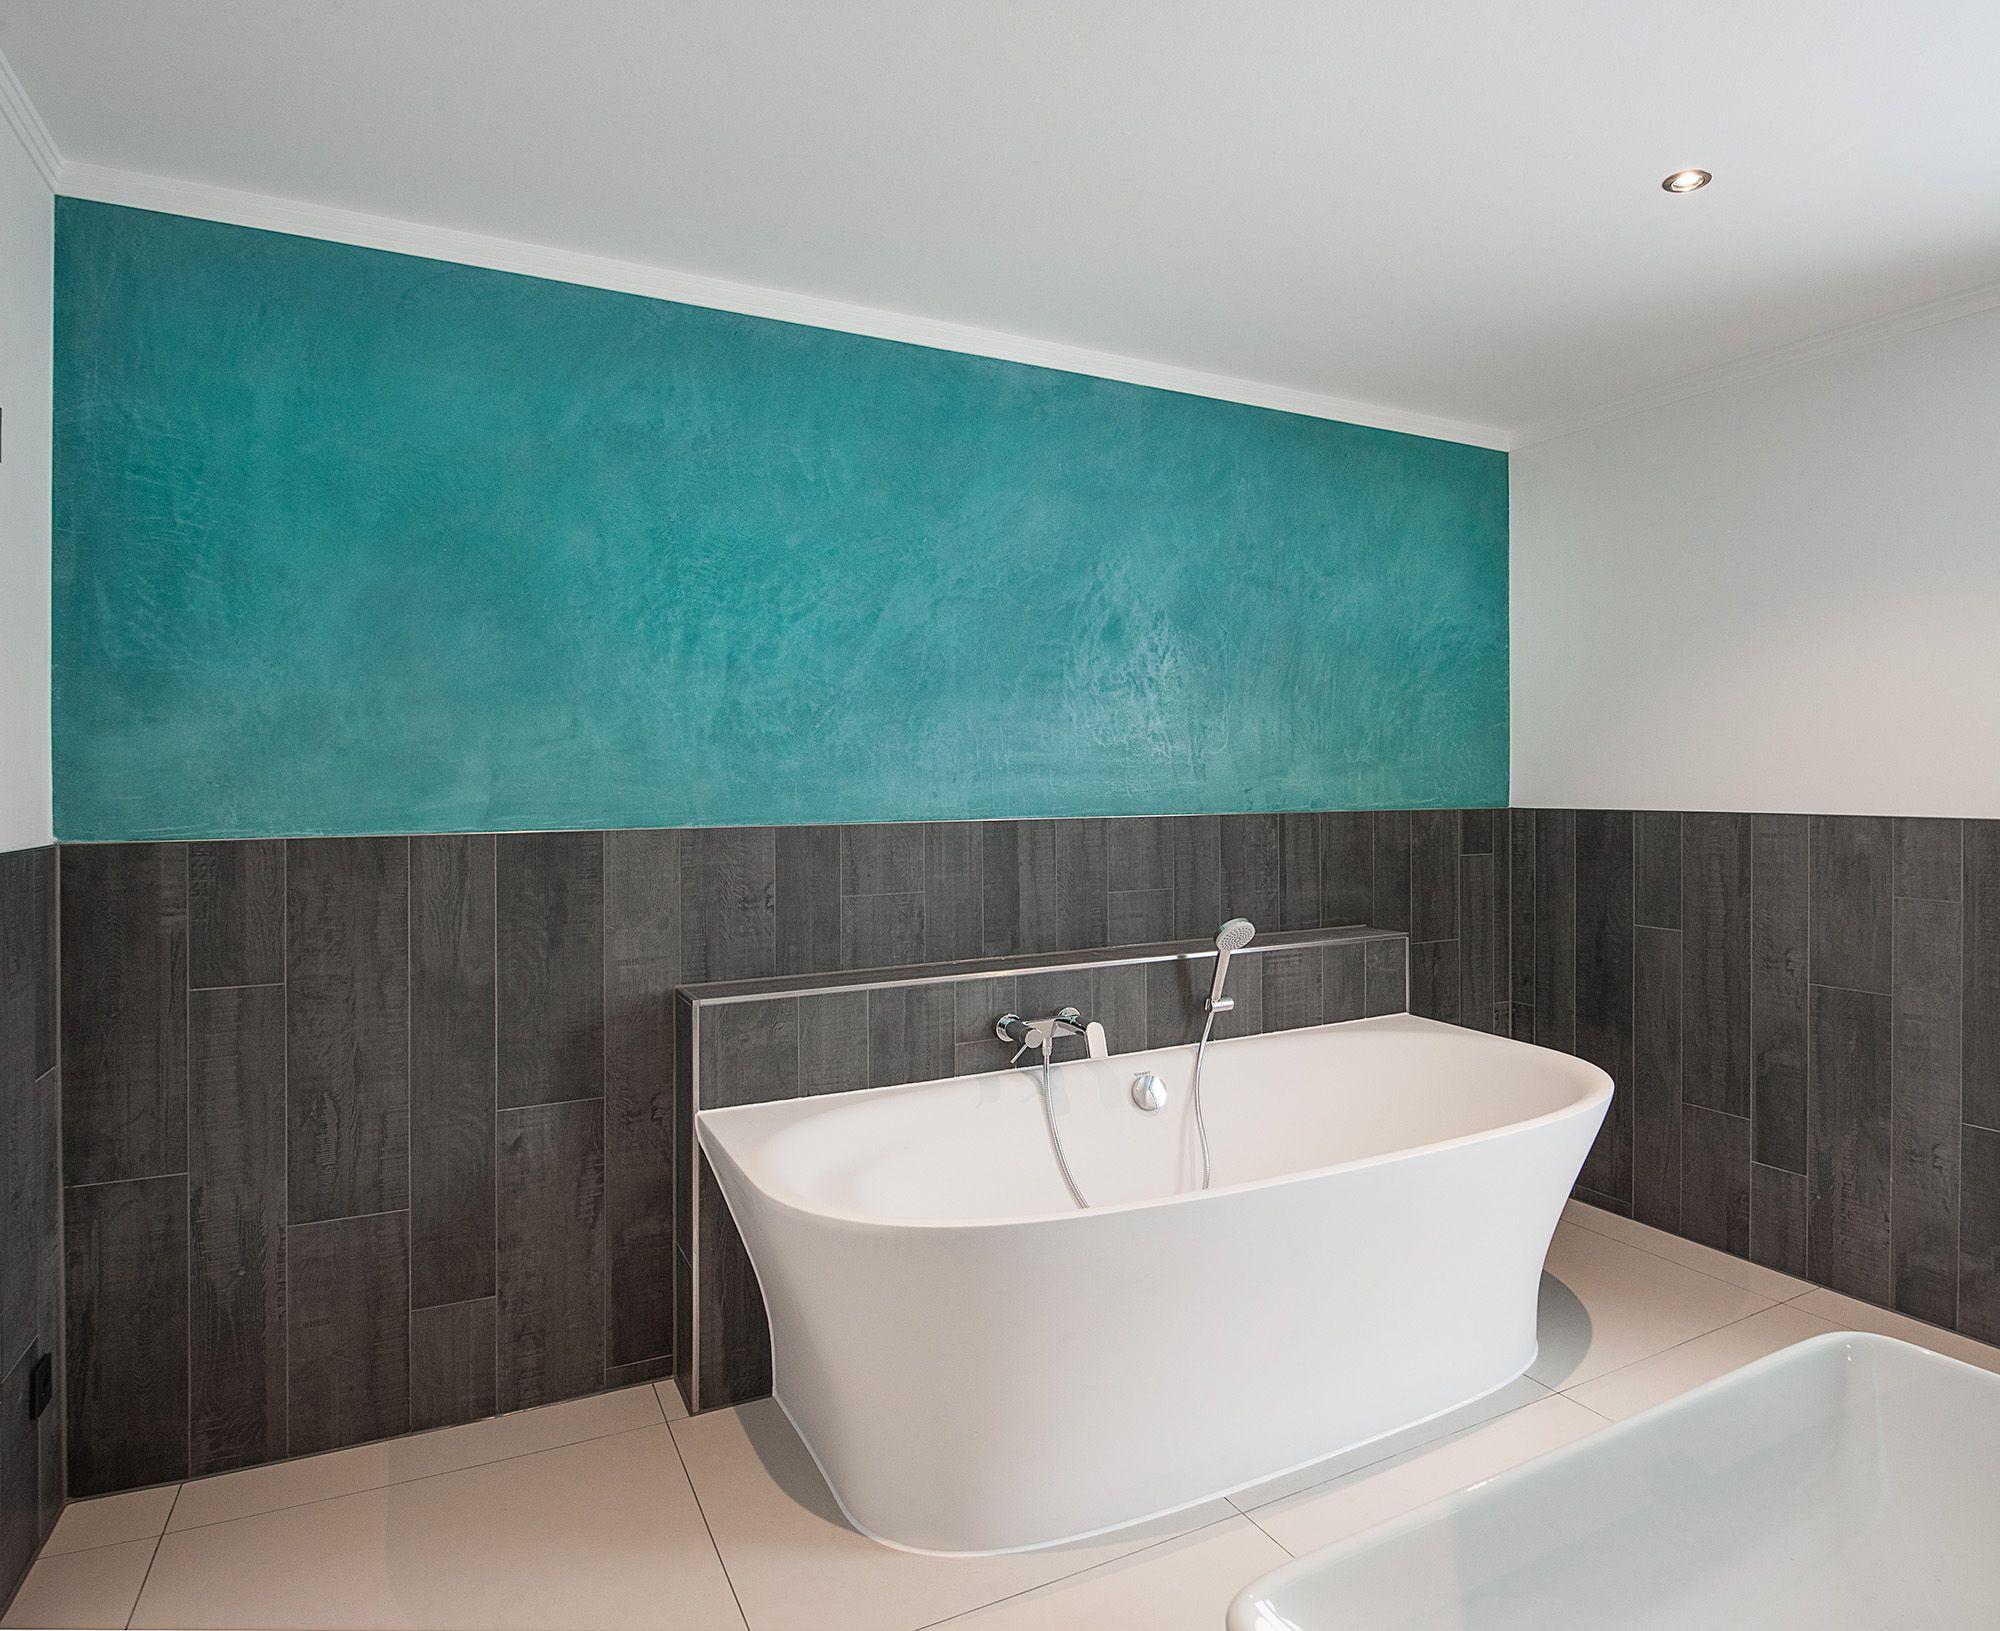 Renovierung Badezimmer ~ Badezimmergestaltung mit spachtel marmorierung einer wand